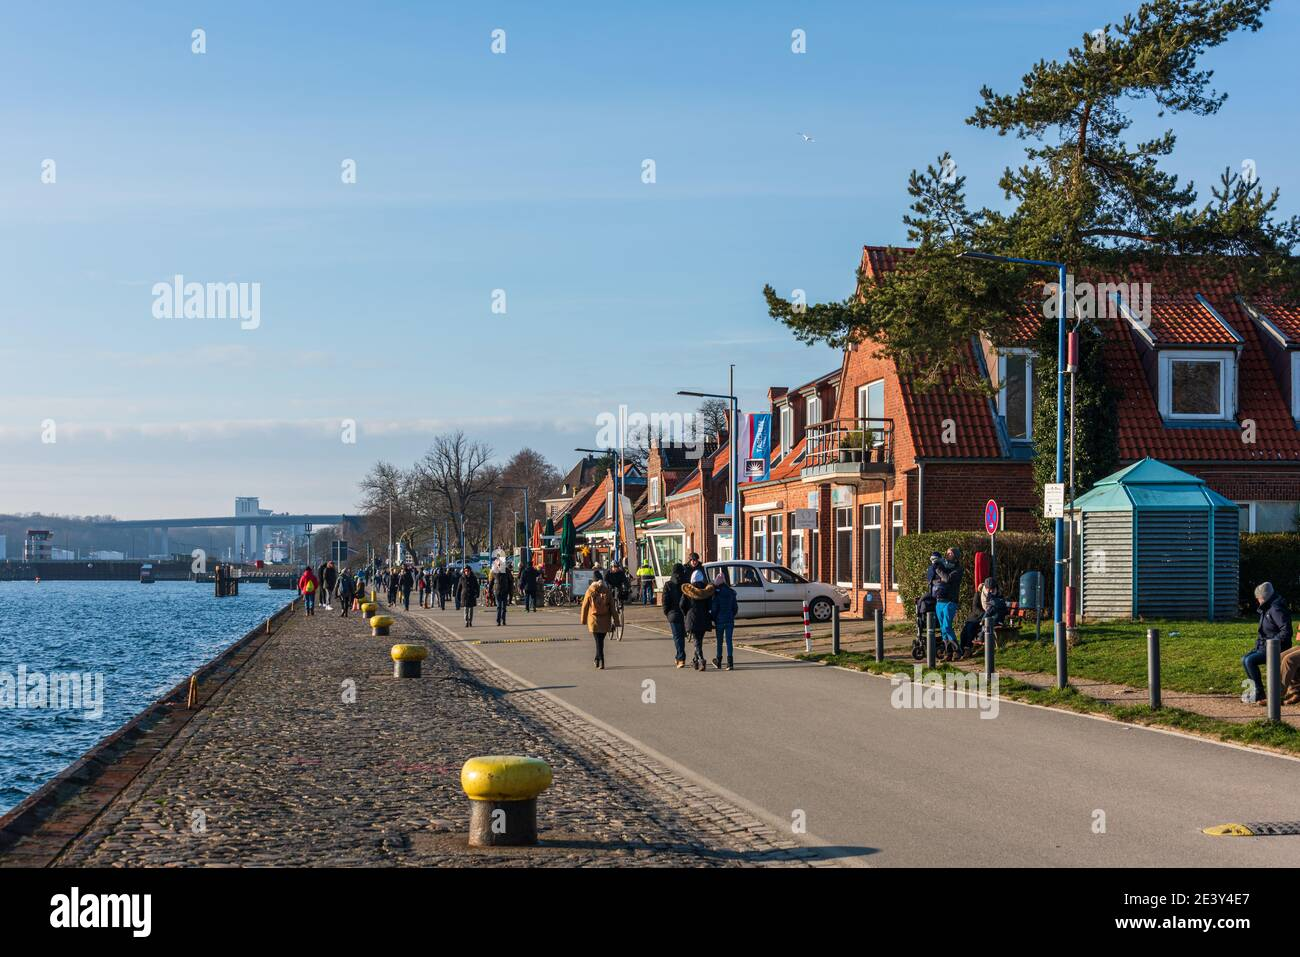 Impressionen aus Kiel Der Tiessenkai in Kiel-Holtenau am Eingang zur Kieler Schleuse in den Nord-Ostsee-Kanal Stock Photo